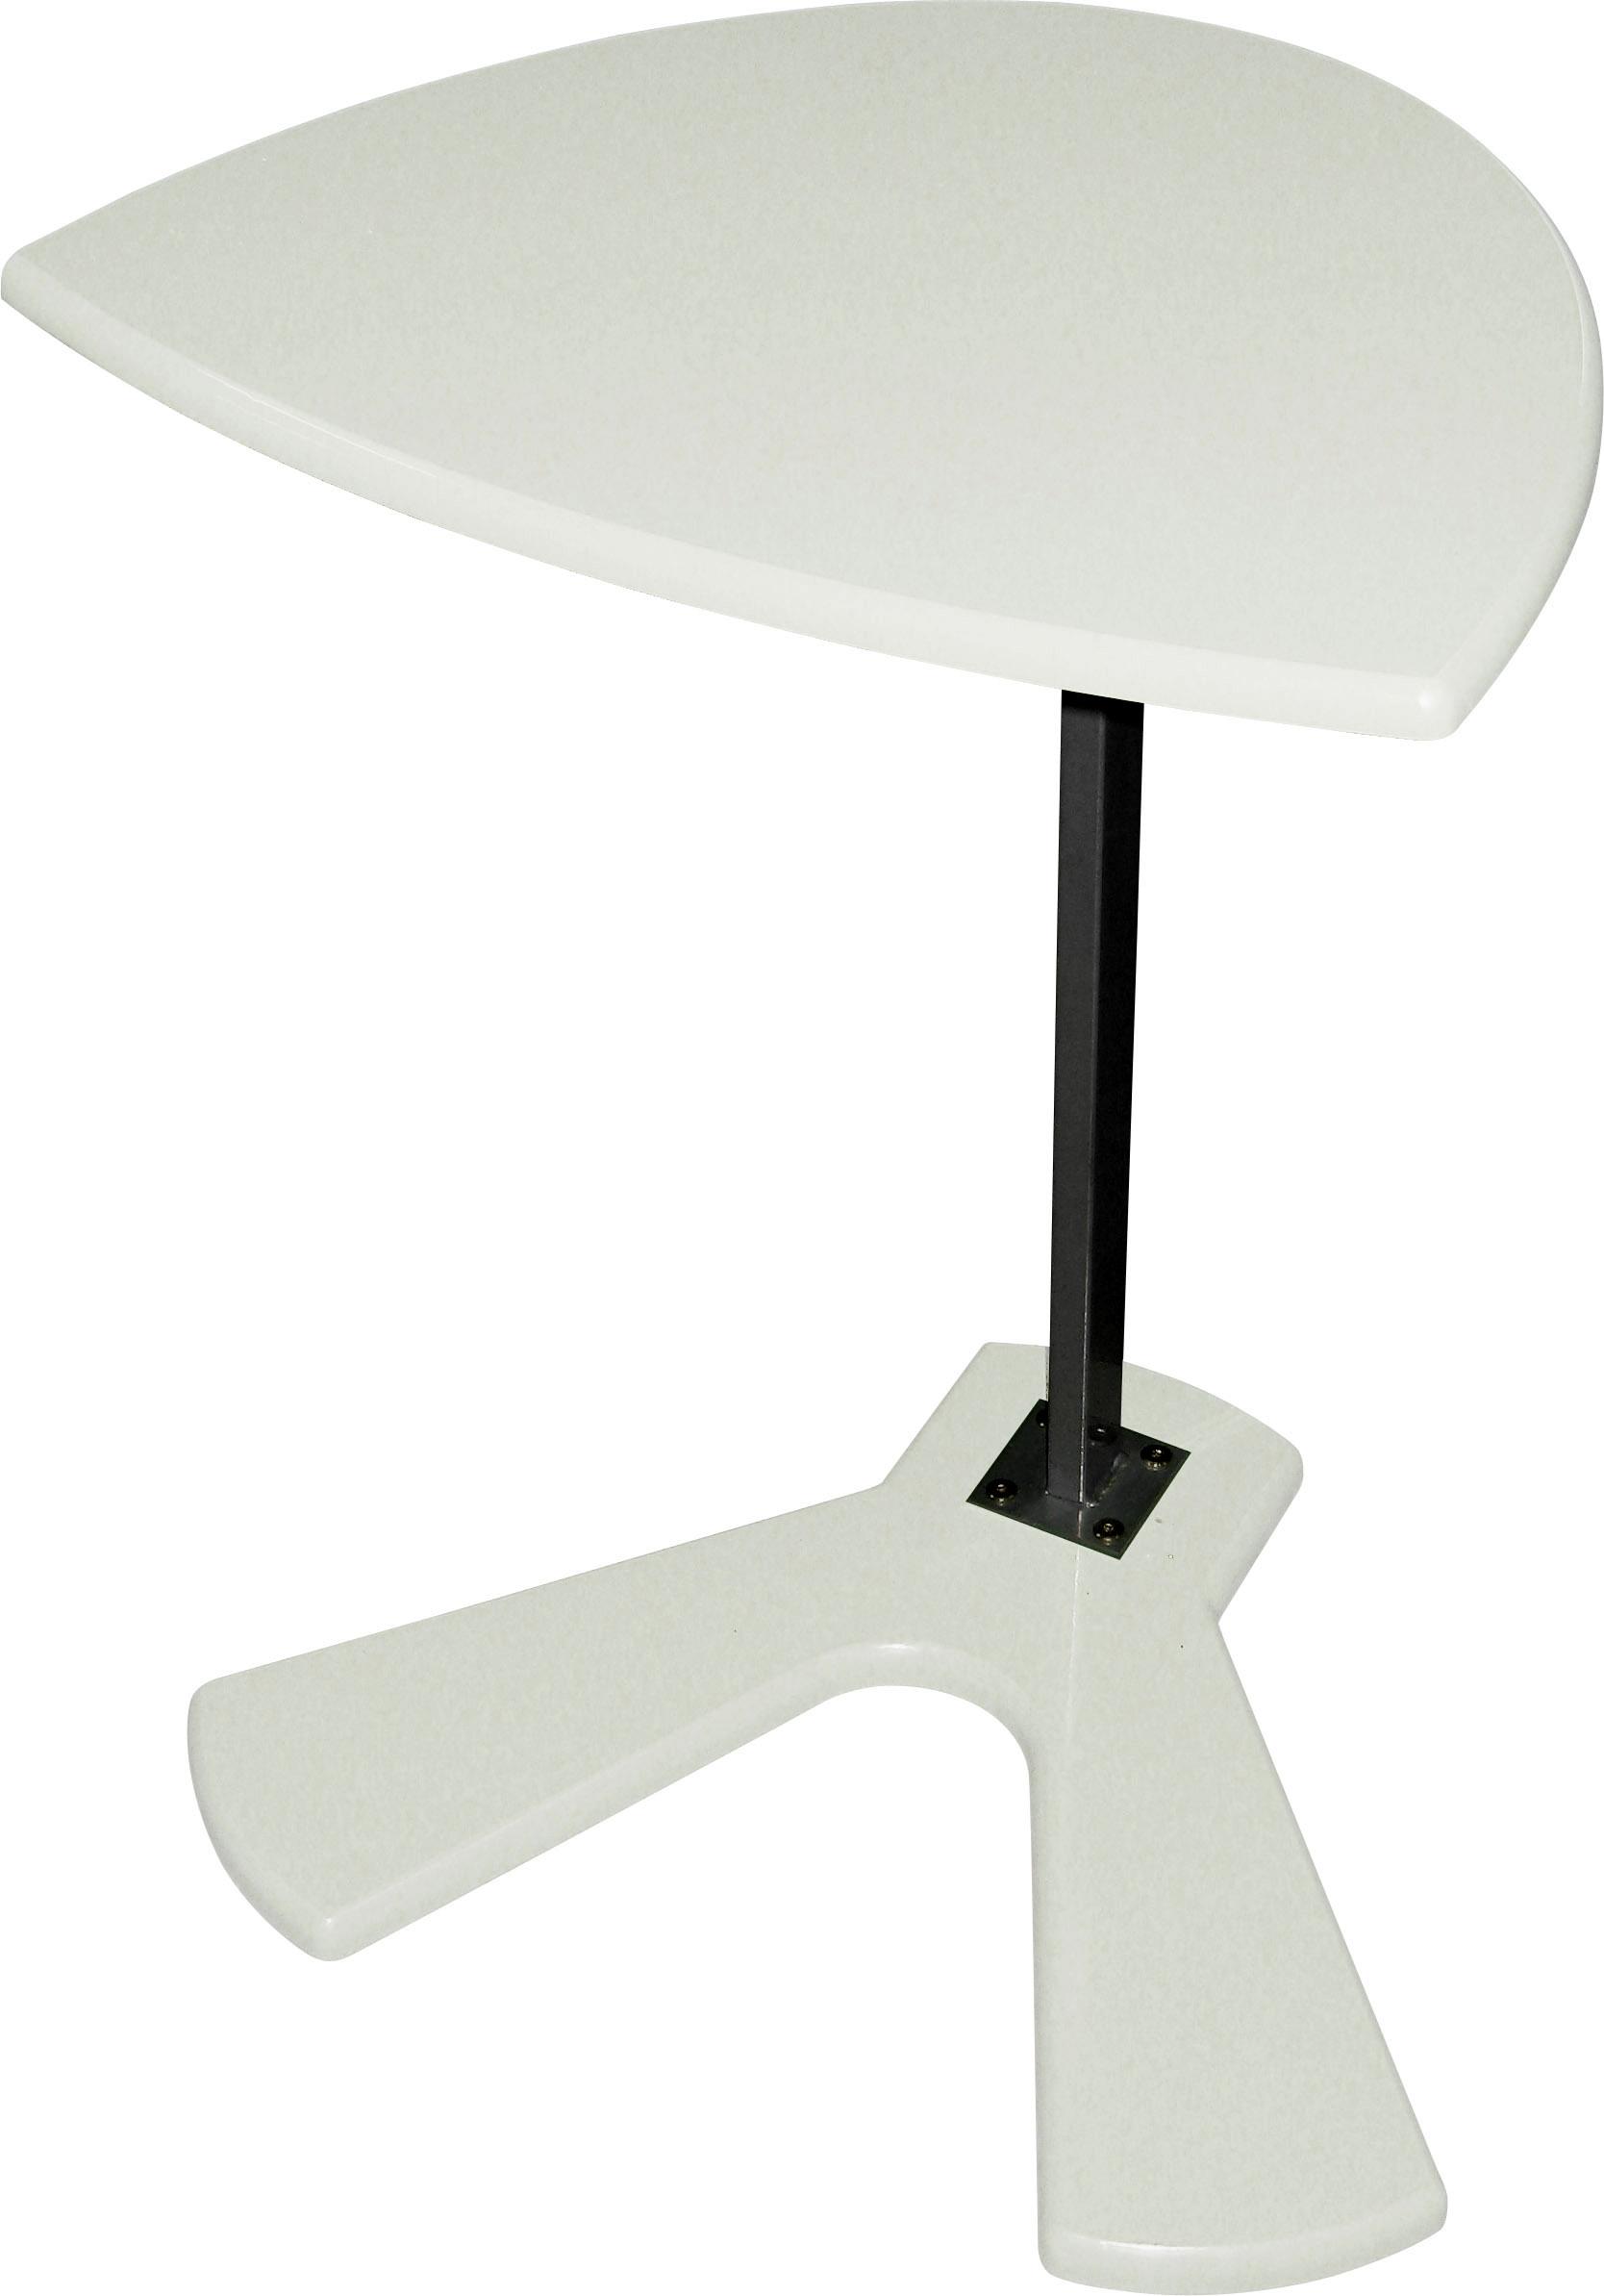 Напольный столик для ноутбука М134-04